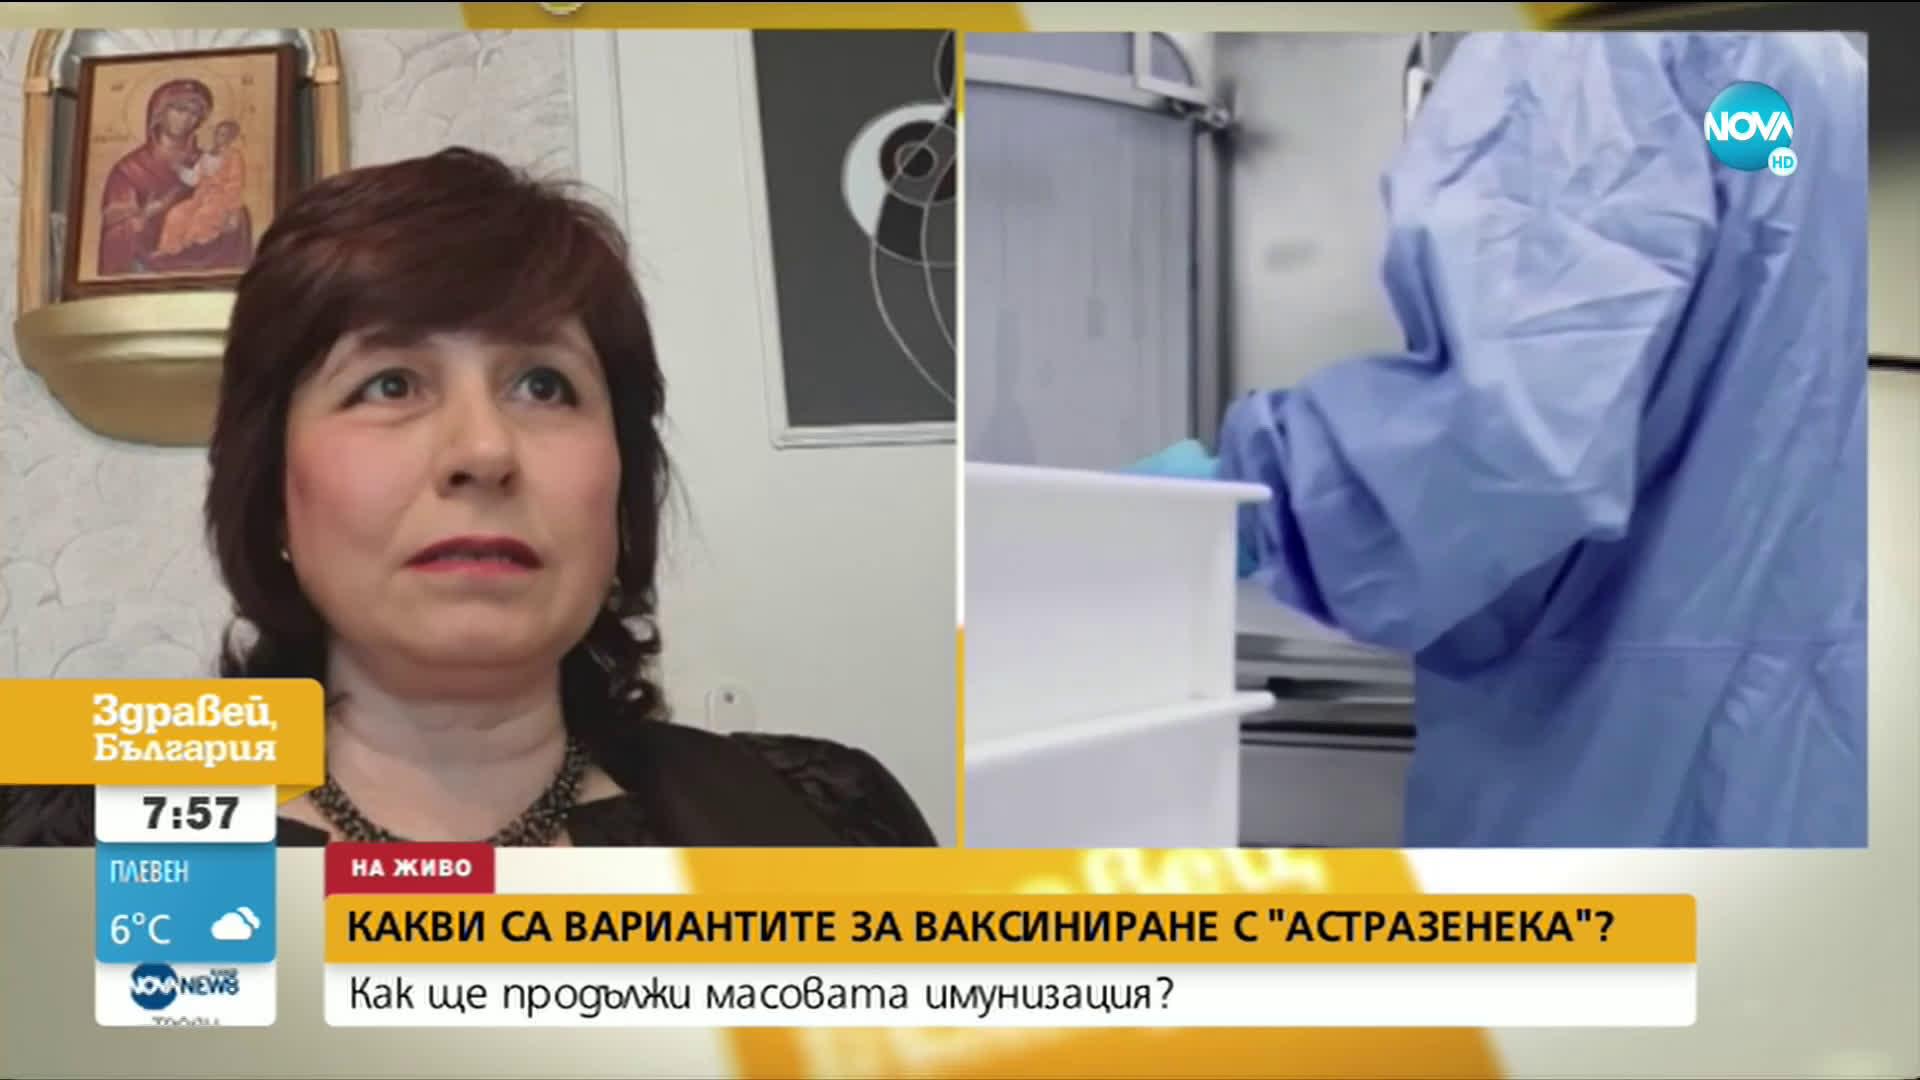 Какви са вариантите за ваксинираните с първа доза на AstraZeneca?